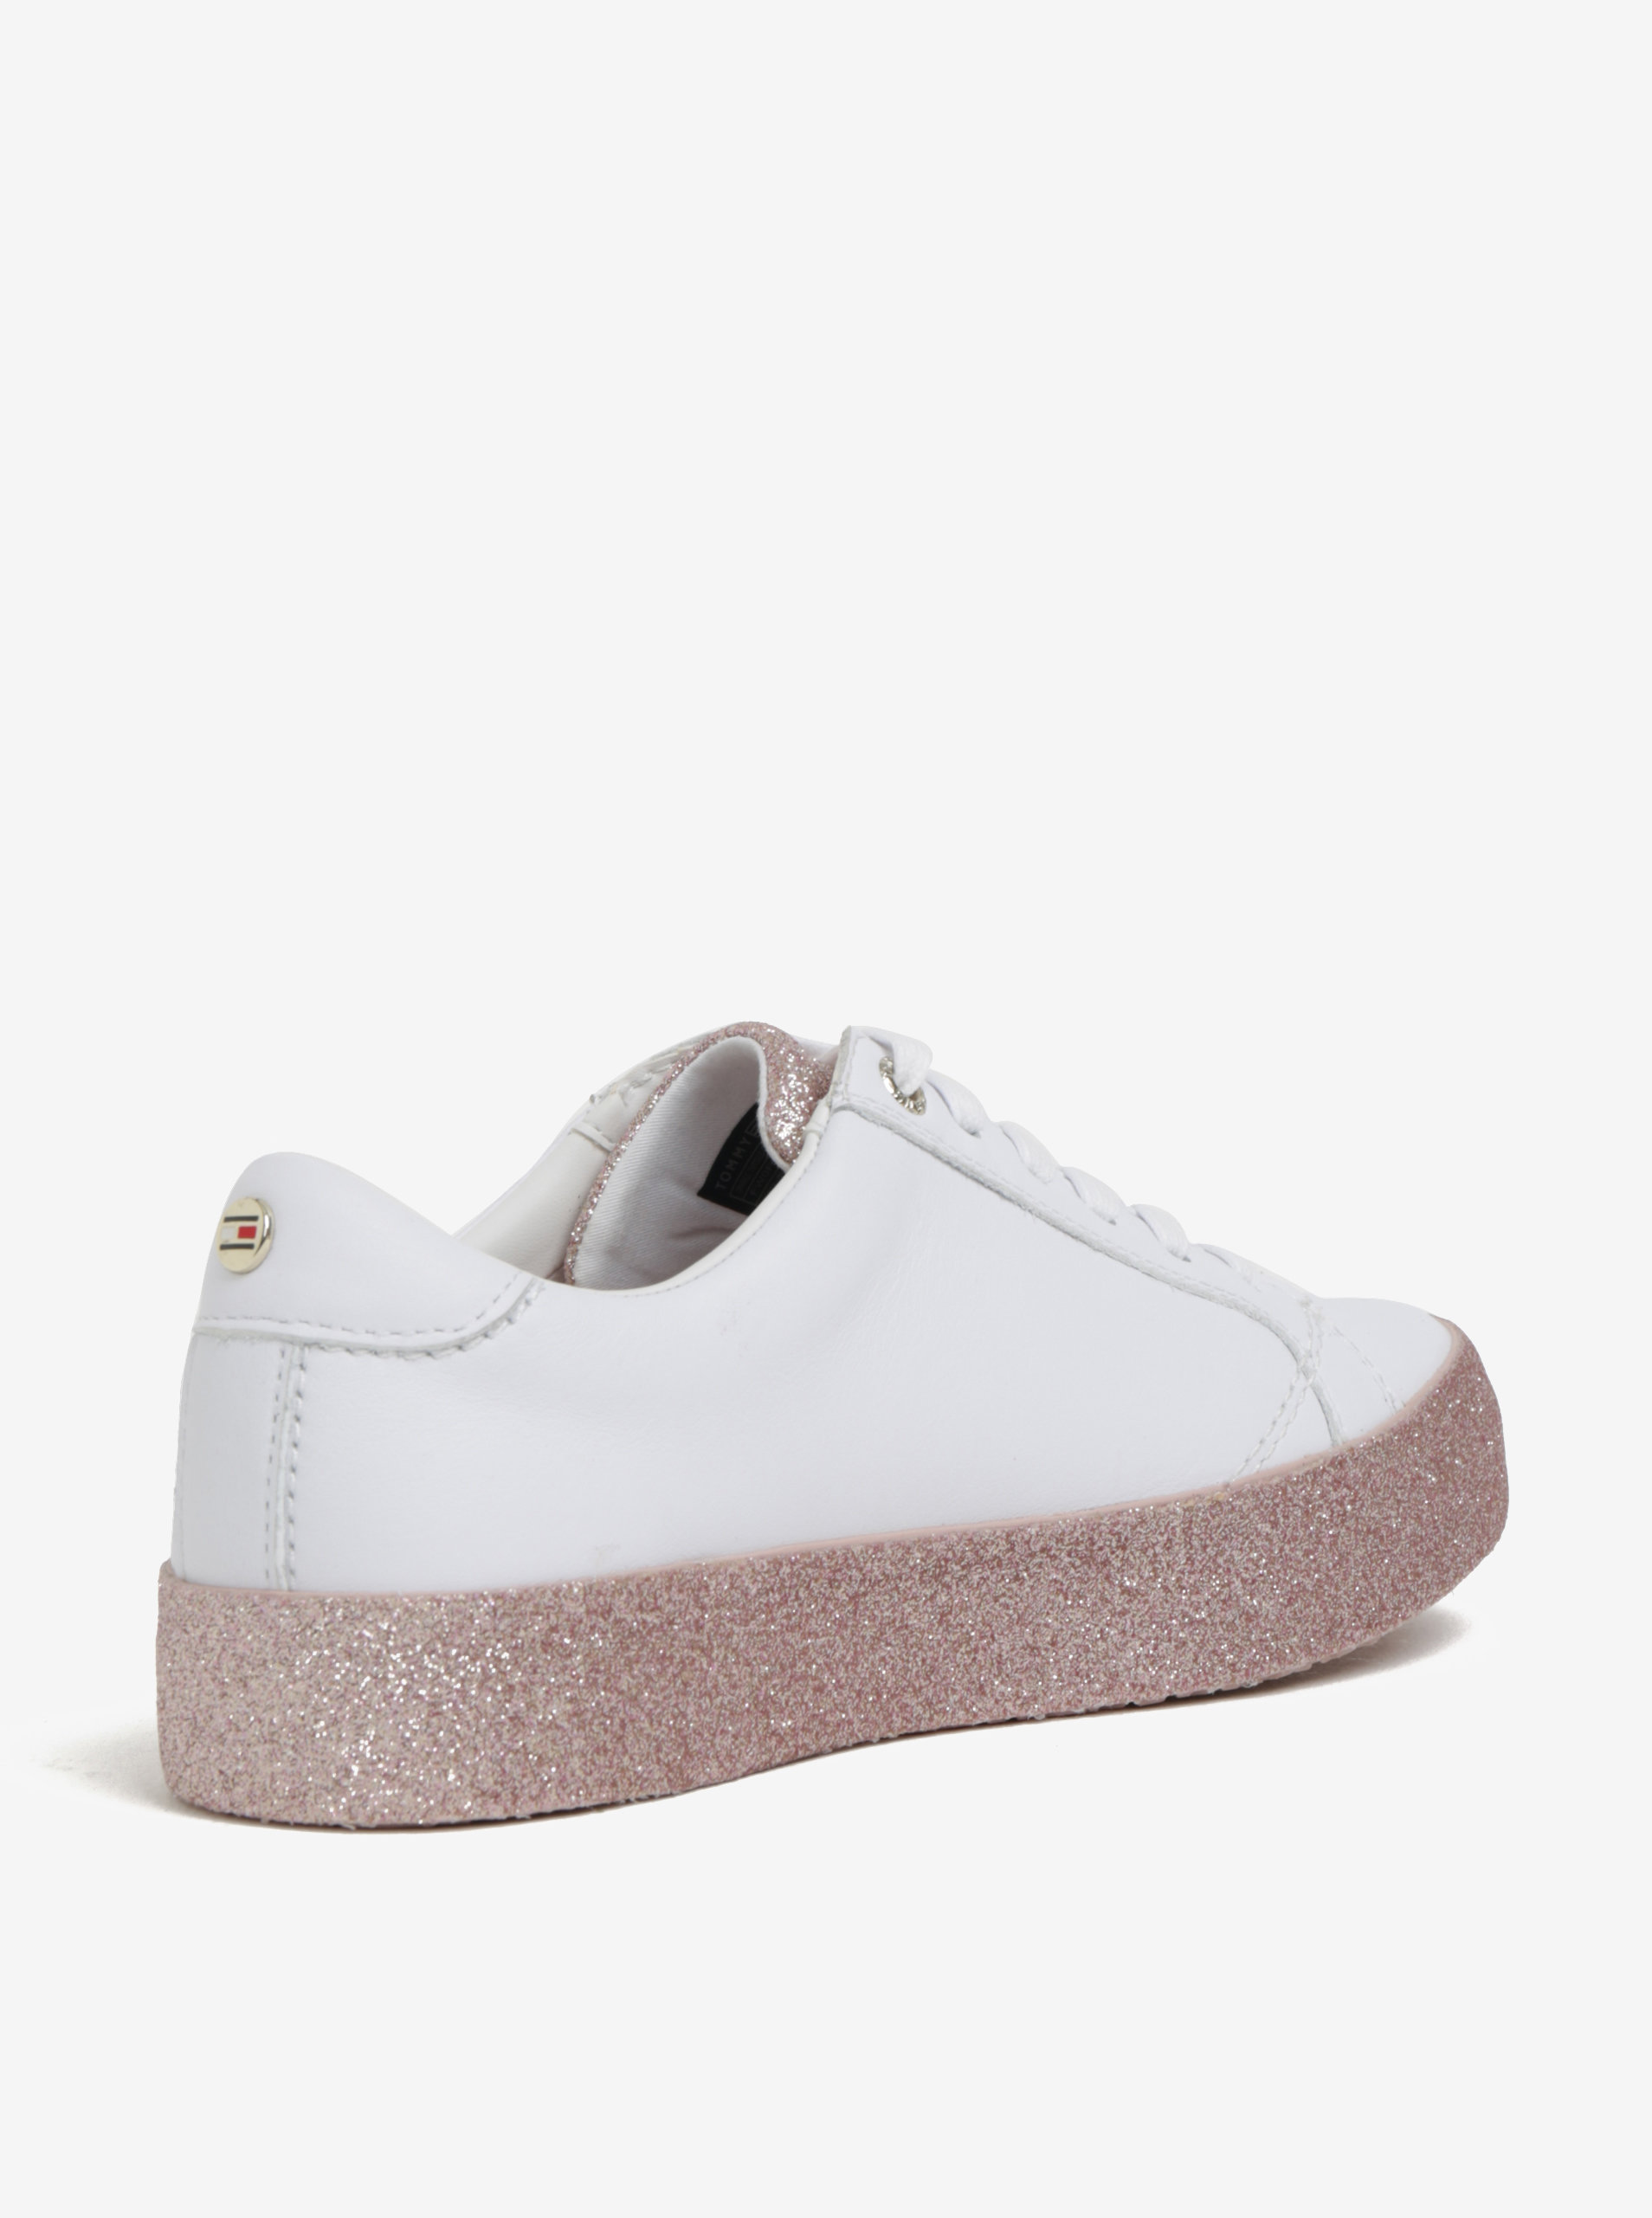 Bílé dámské kožené tenisky na třpytivé platformě Tommy Hilfiger ... 8d7c3fb22cb